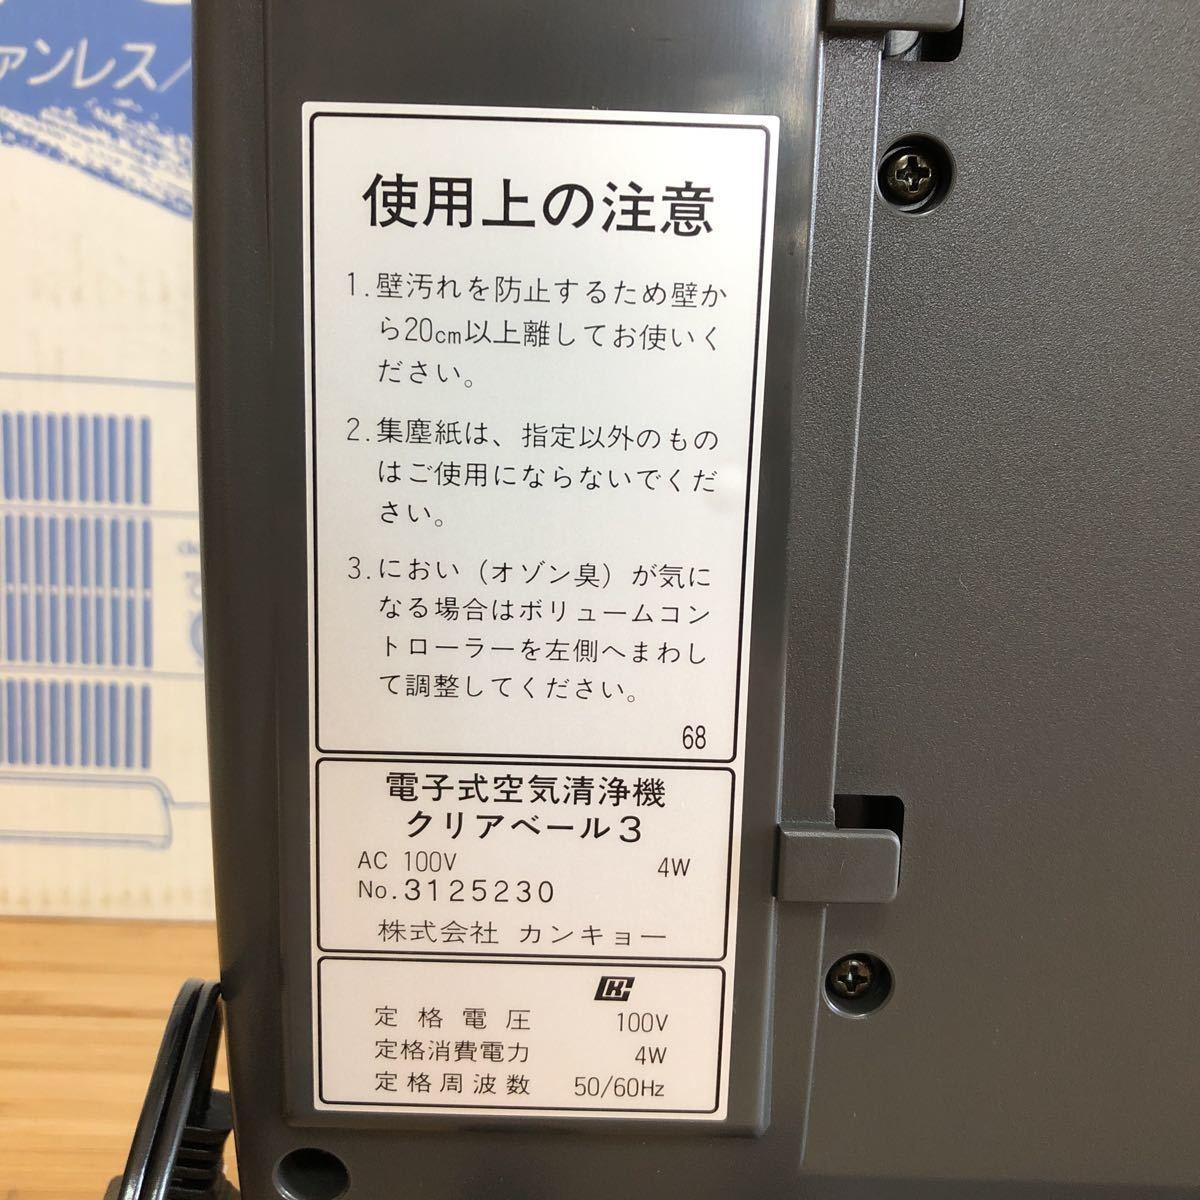 1円スタート! 【動作確認済み】【美品】② KANKYO カンキョー clearveil3 クリアベール ファンレス/電子式空気清浄機 集塵紙付き